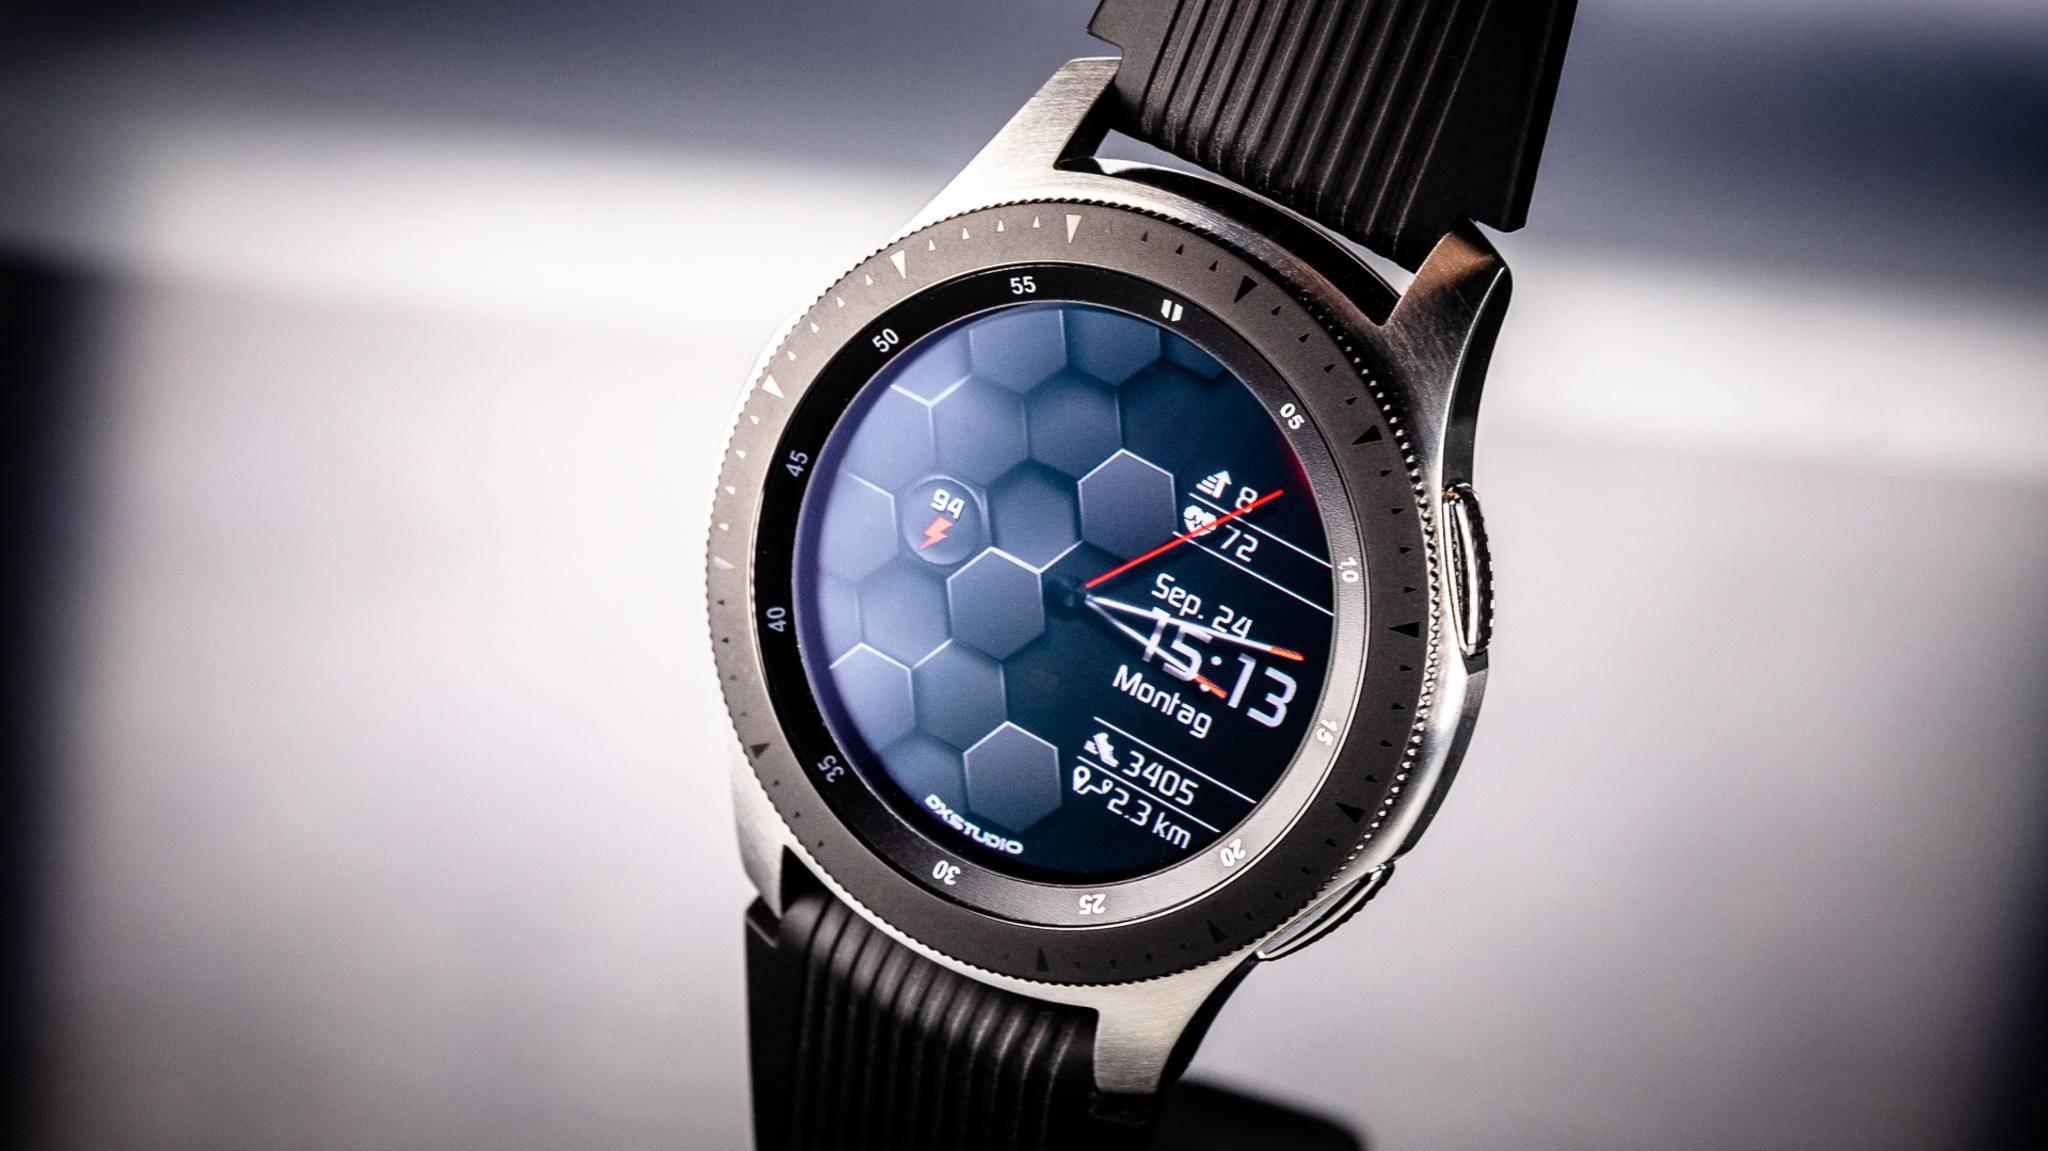 Folgt auf die Galaxy Watch bald eine Hybrid-Smartwatch mit einem Mix aus digital und analog?